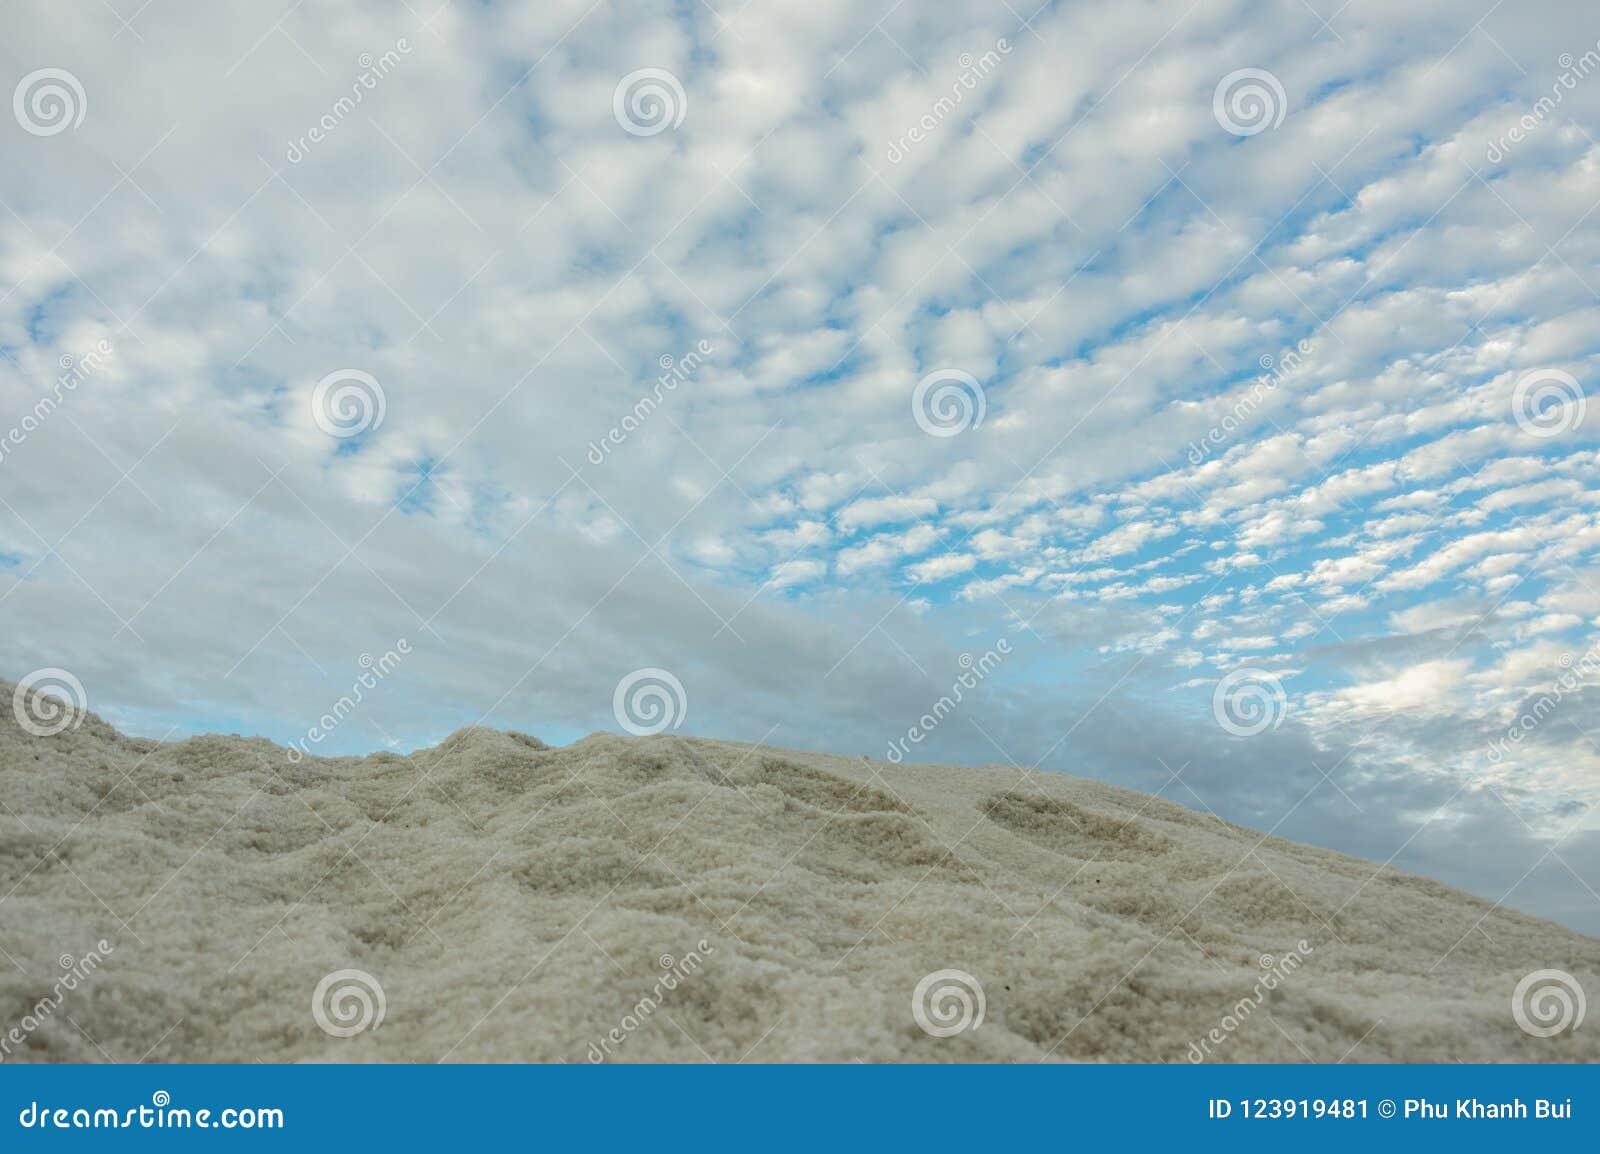 Продукция соли, обрабатываемое соль, куча соли